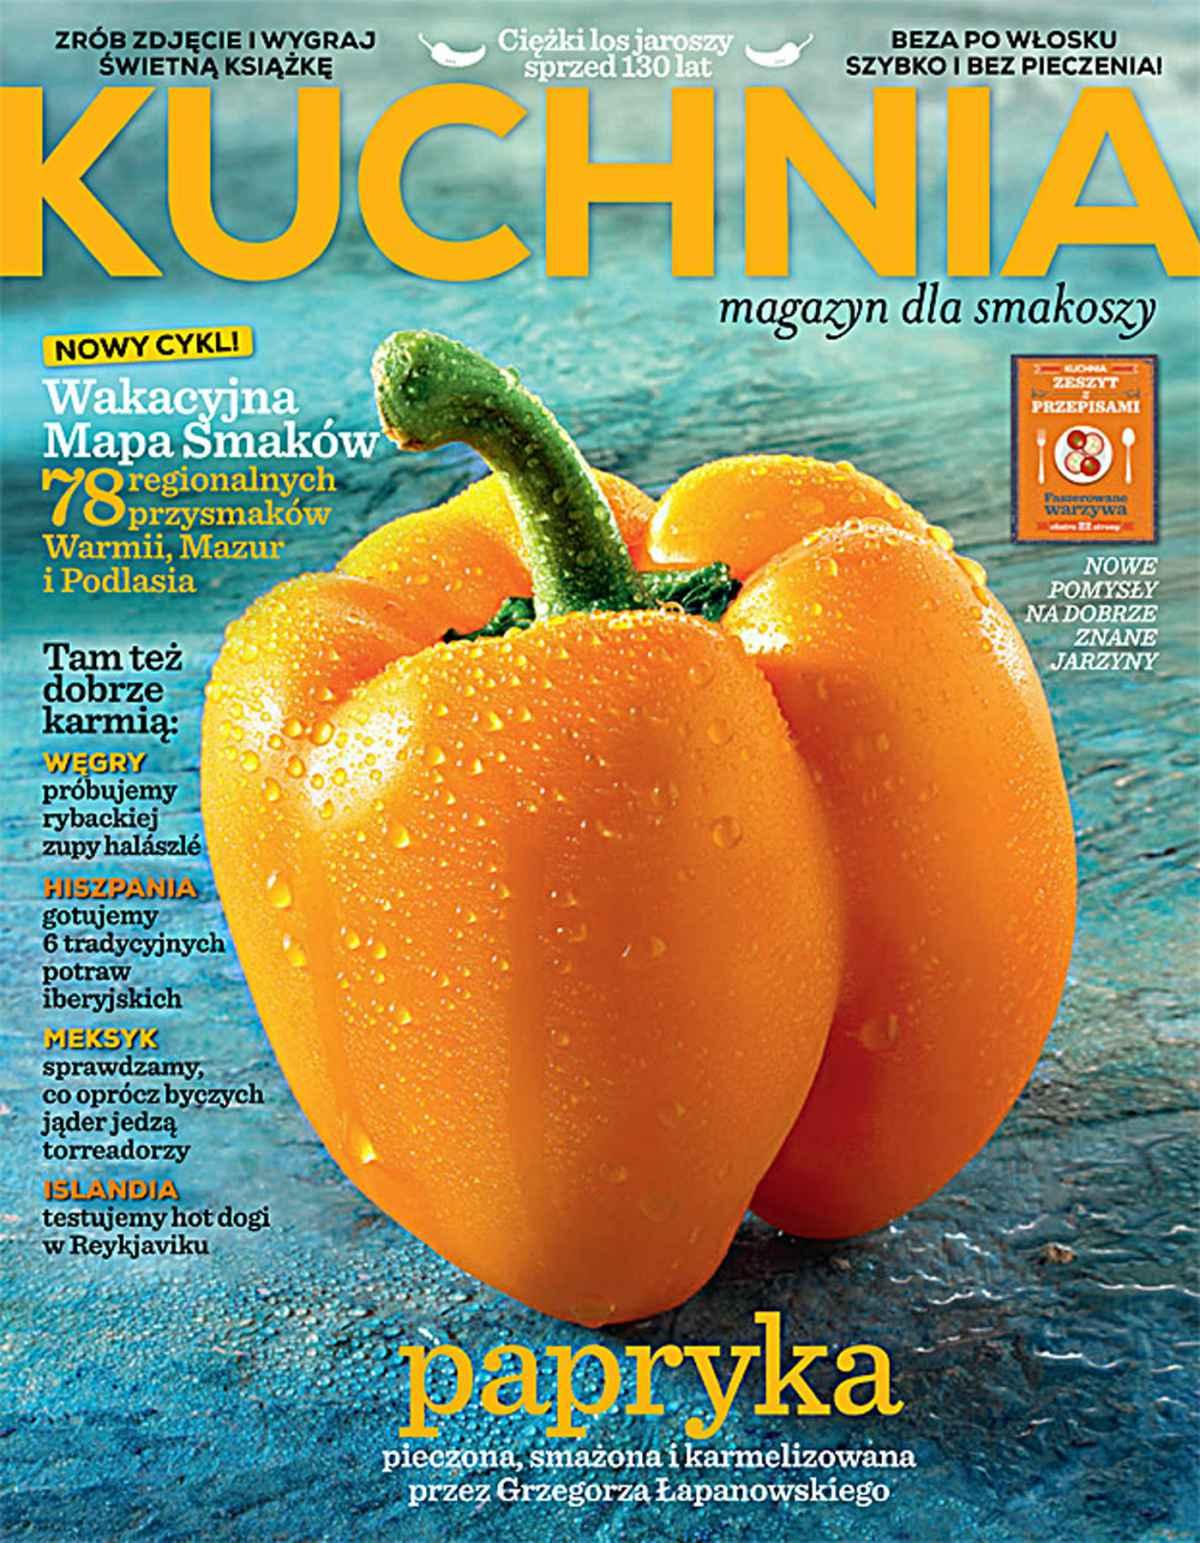 Kuchnia 8/2016 - Ebook (Książka PDF) do pobrania w formacie PDF